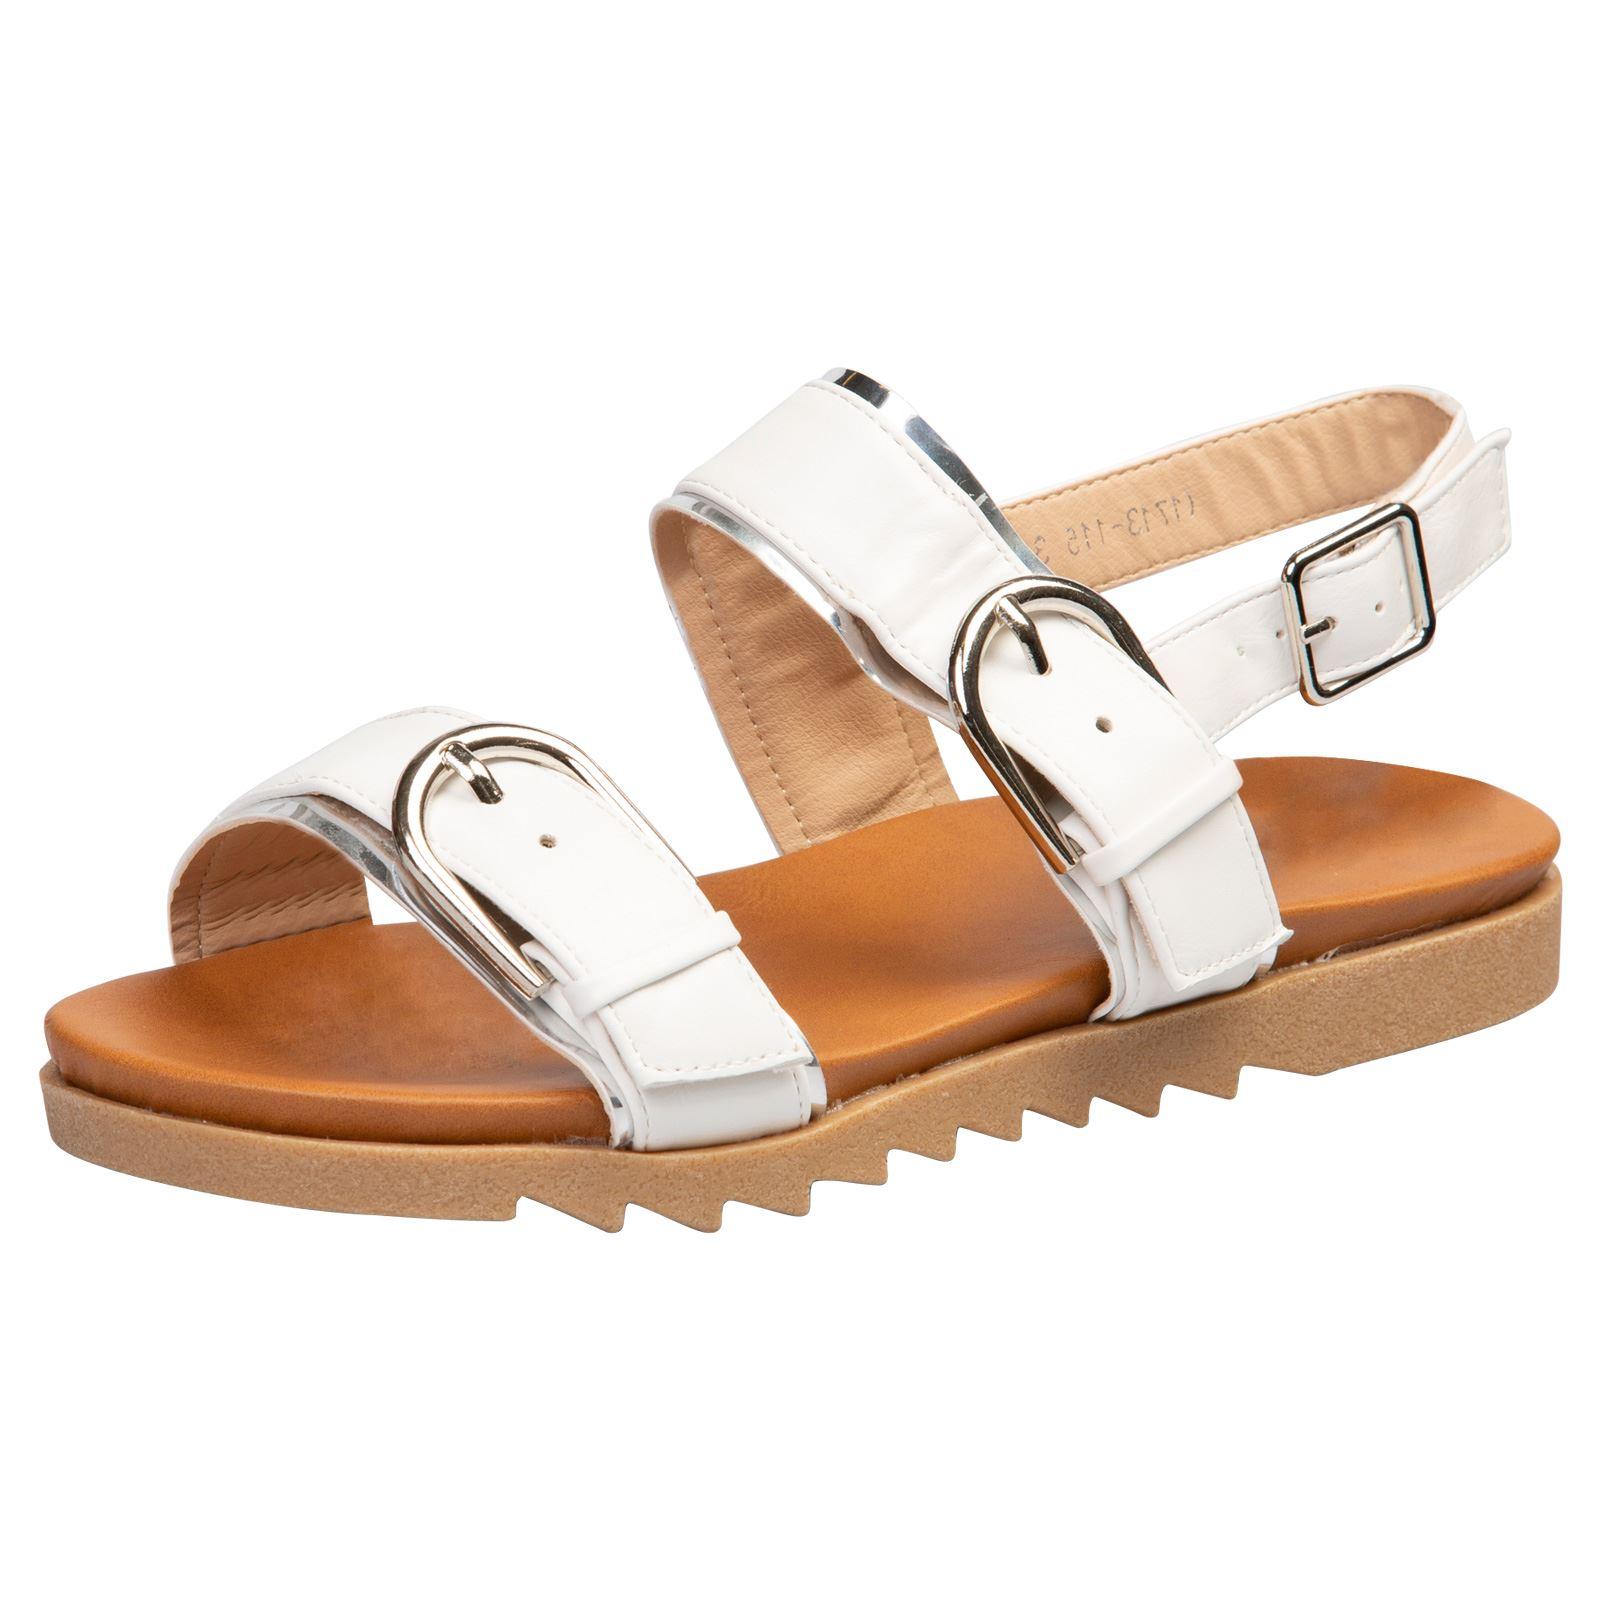 Zapatos-Para-Mujer-Damas-Tacon-Bajo-Tiras-Hebilla-Punta-Abierta-Verano-Playa-Tamano-Nuevo-Estilo